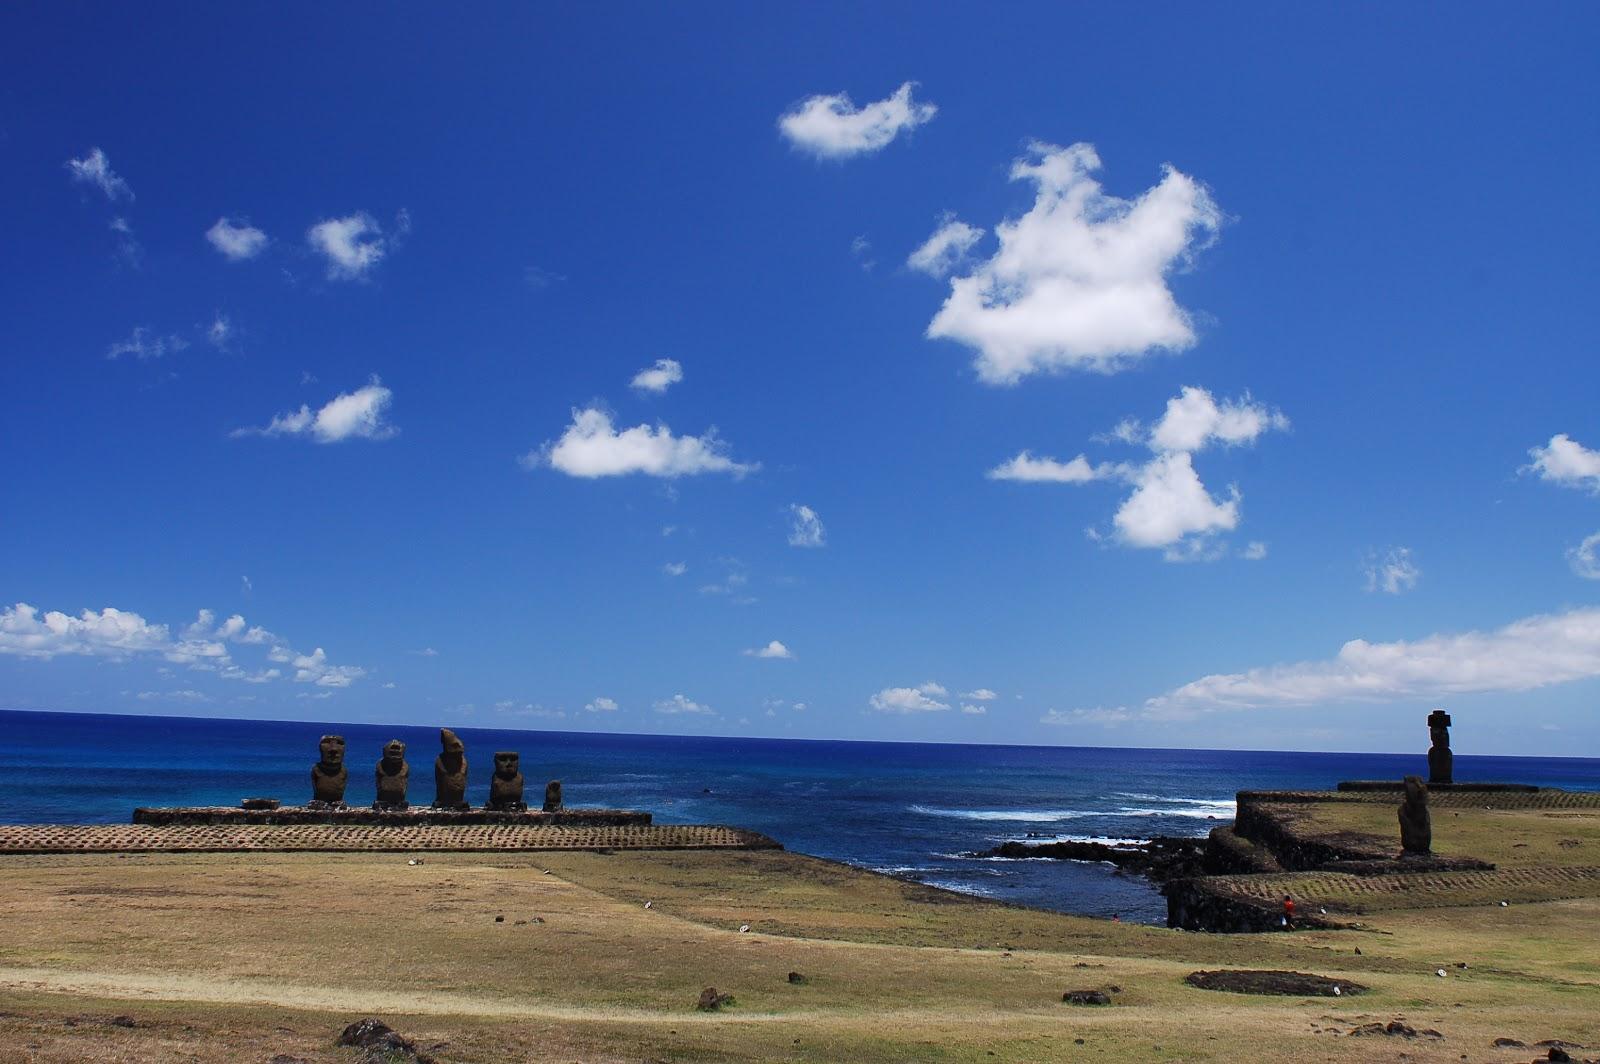 イースター島のアフ・タハイの五体と少し離れた一体ずつの二体のモアイ